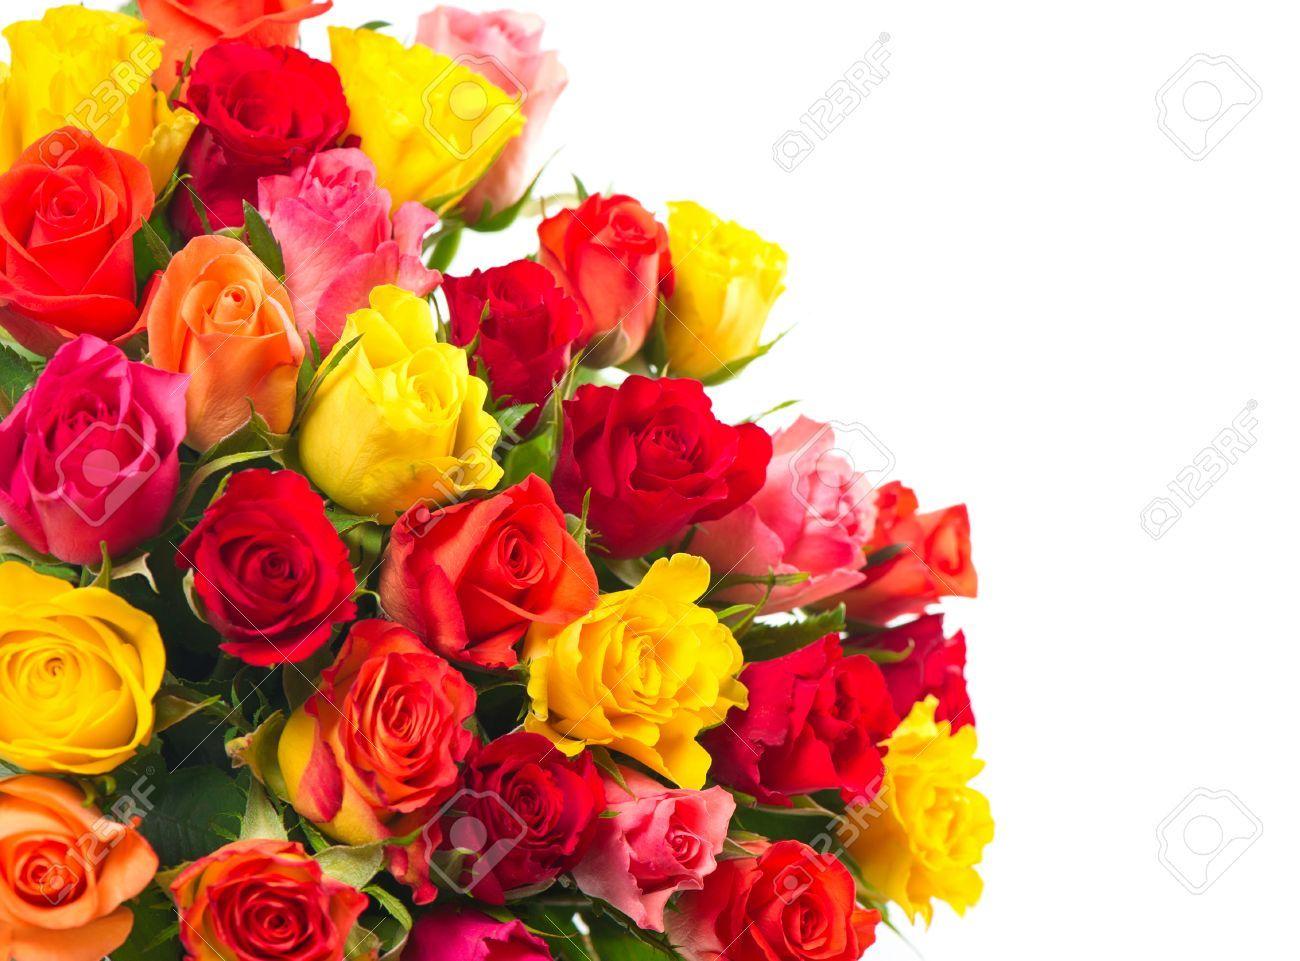 Rosas Sobre Fondo Blanco Ramo De Rojo Rosa Amarillo Naranja Colores Flores Rosa Foto De Archivo 27503920 Flores De Cumpleaños Flores Plantas Jardin